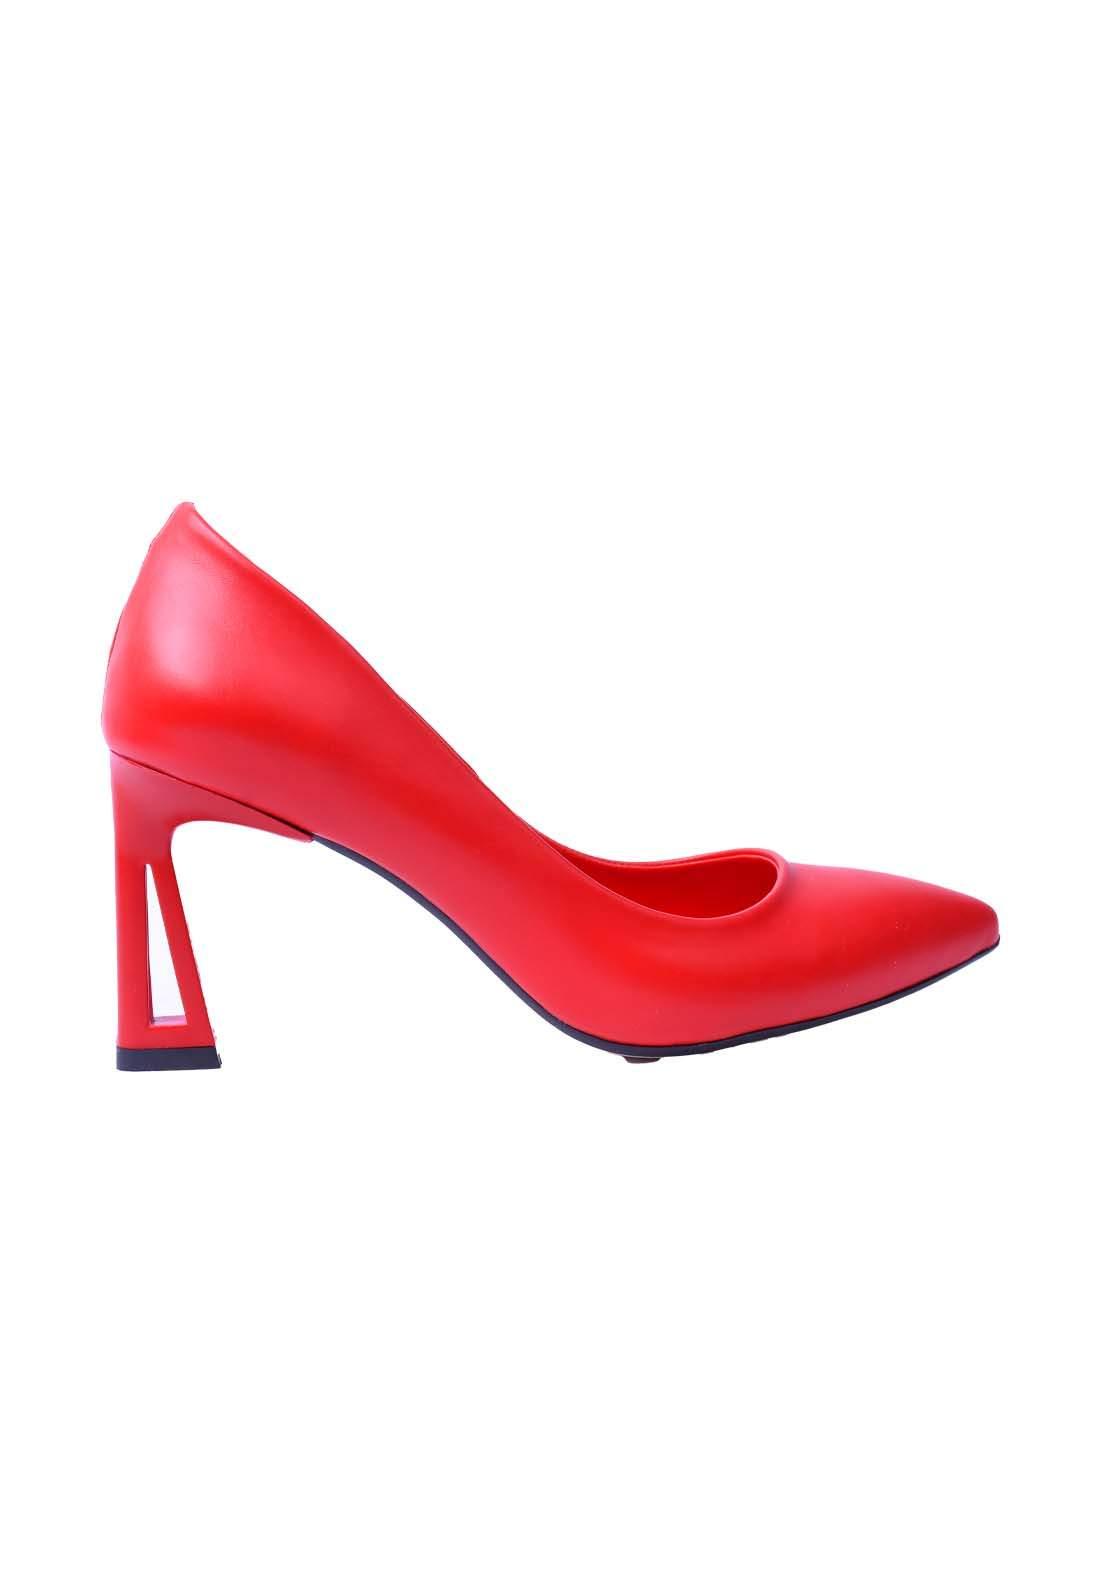 حذاء نسائي جلد احمر اللون